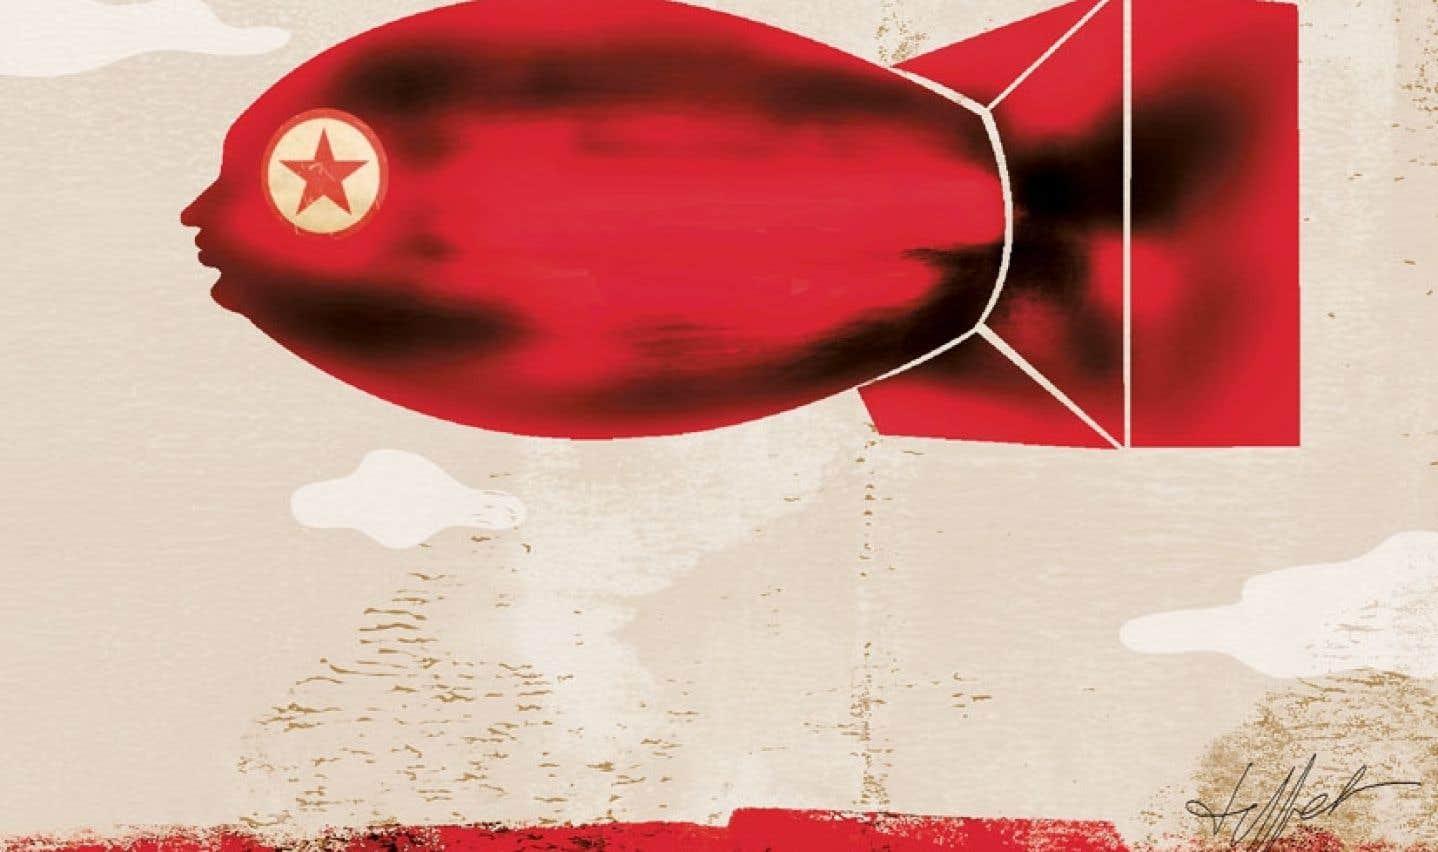 L'escalade des menaces de la part de la Corée du Nord à l'endroit de son voisin du Sud et des « alliés » de celui-ci nous conduit inévitablement à nous interroger sur l'éventualité d'un conflit nucléaire mondial.